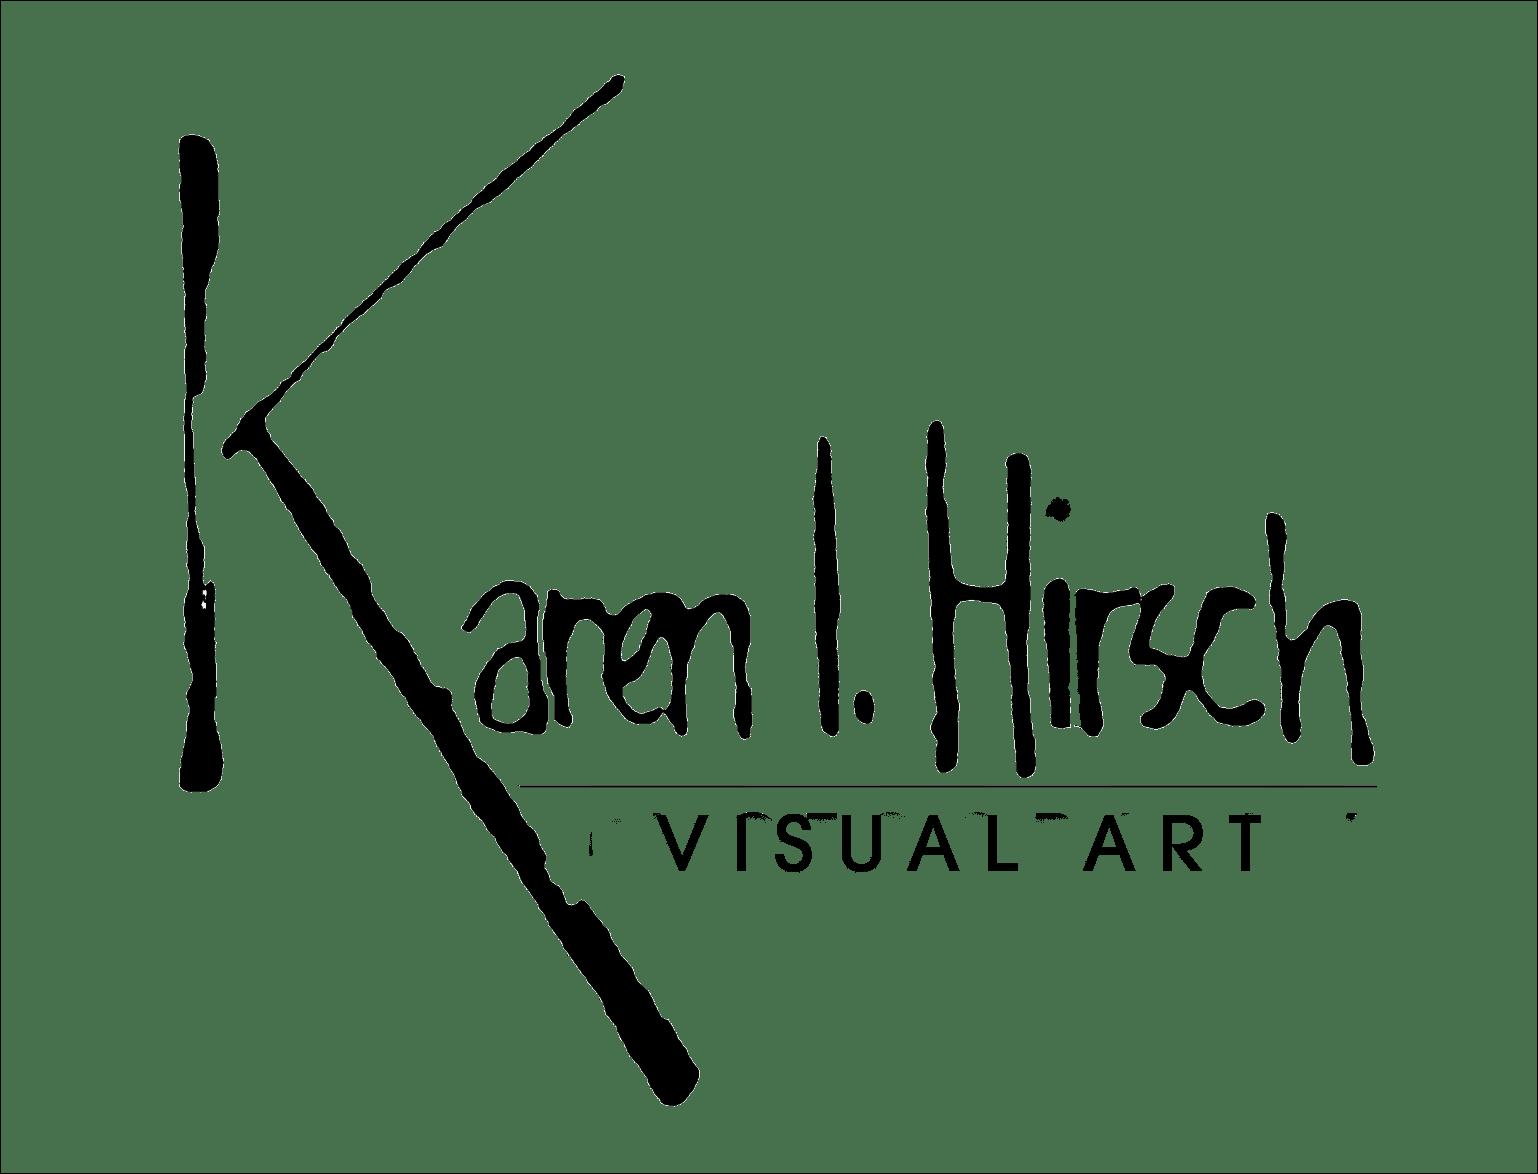 karenihirsch